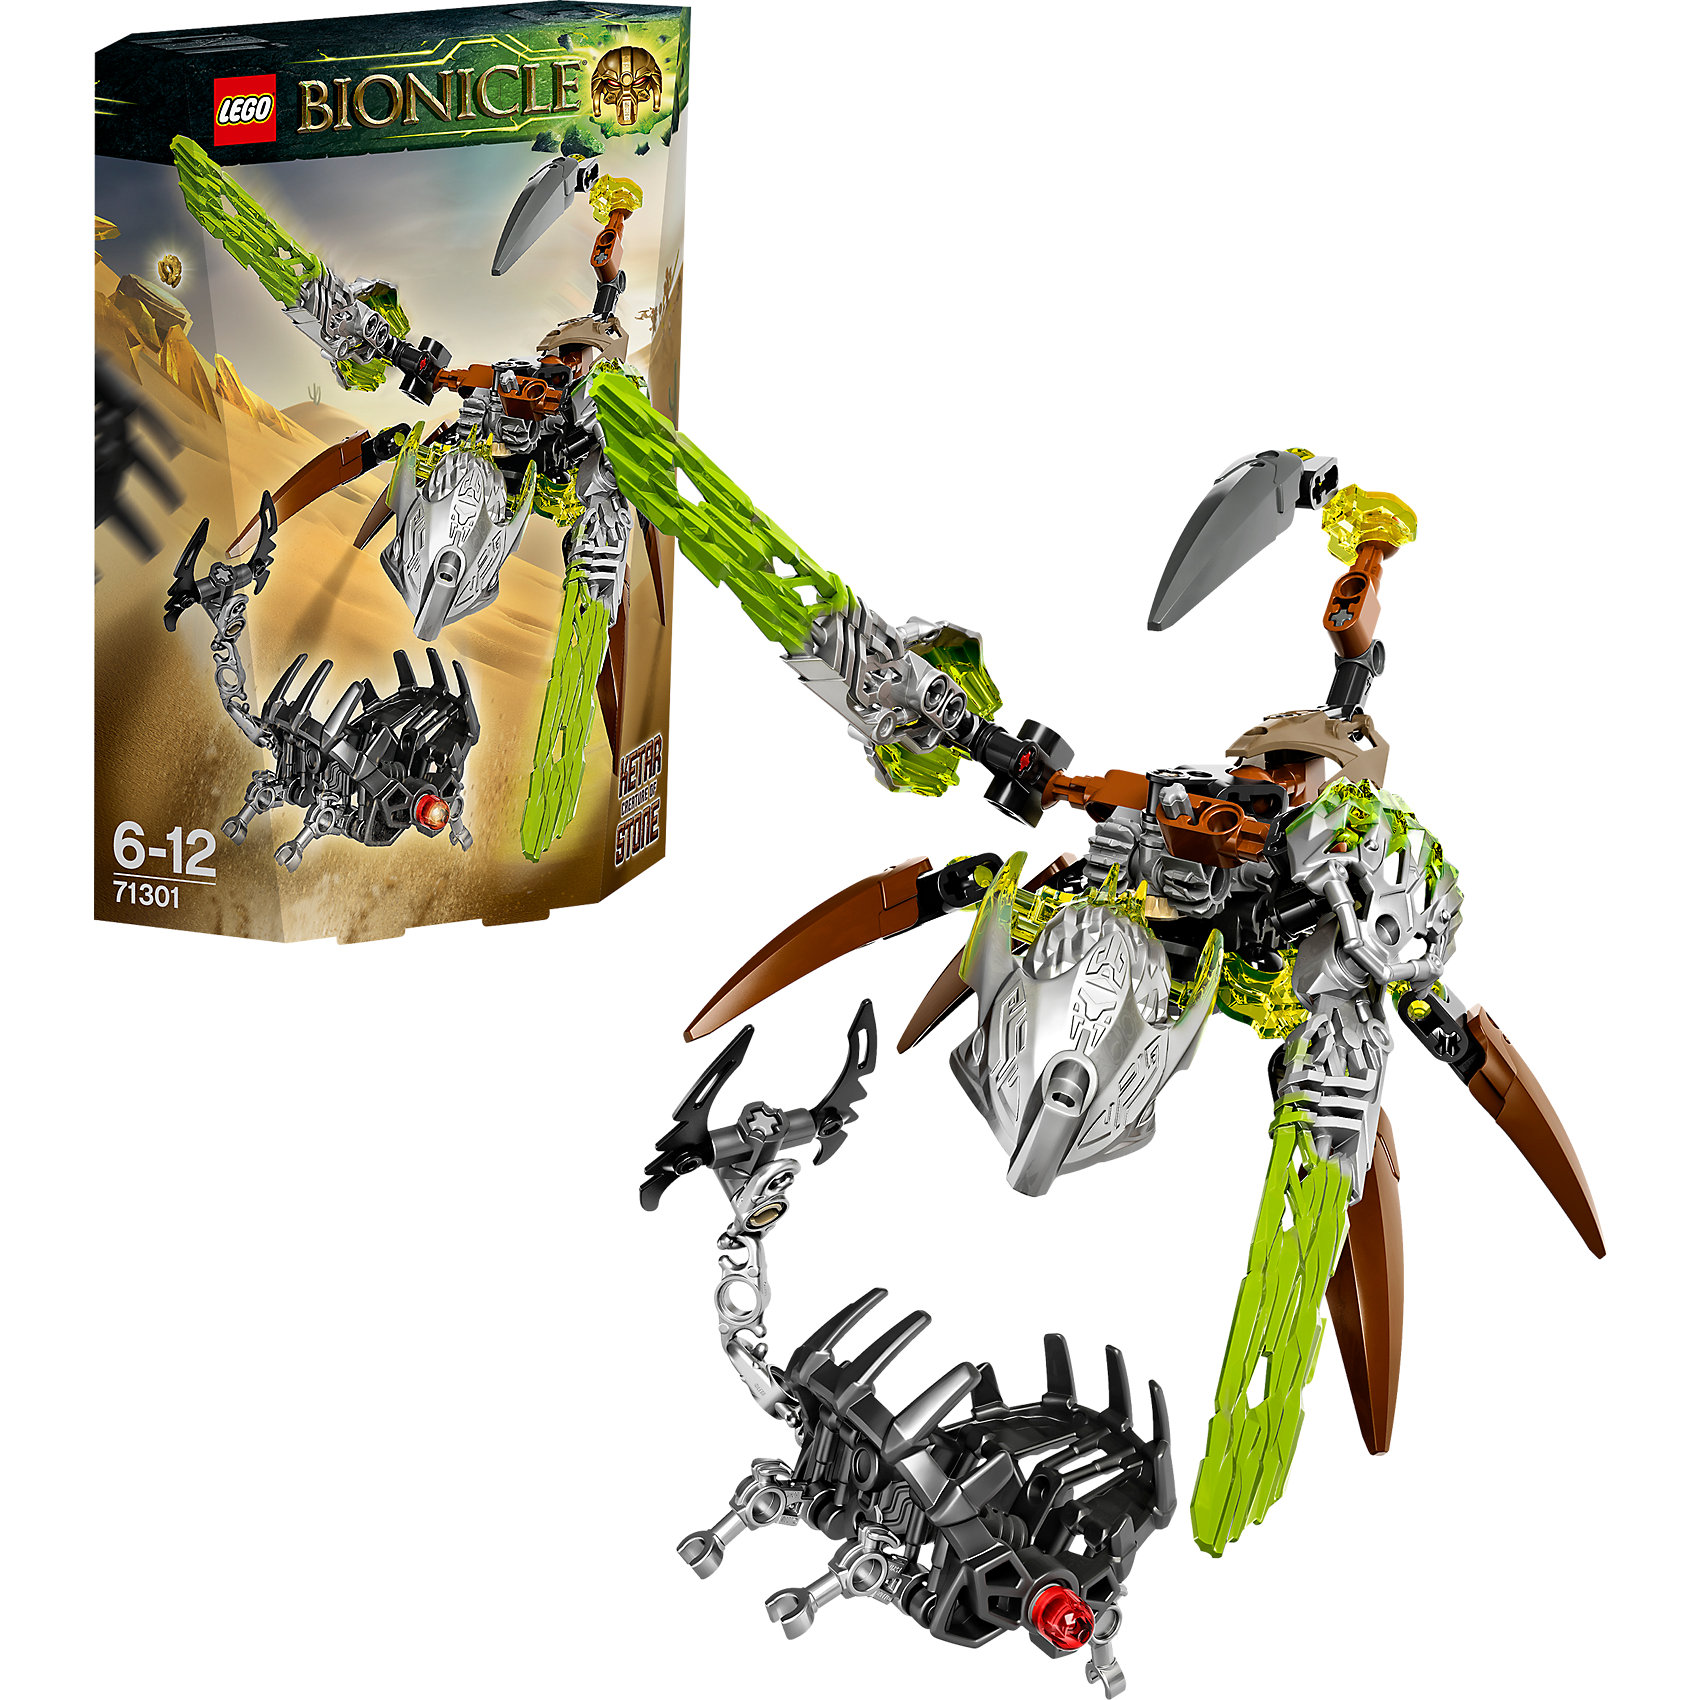 LEGO LEGO BIONICLE 71301: Кетар, Тотемное животное Камня bionicle максилос и спинакс